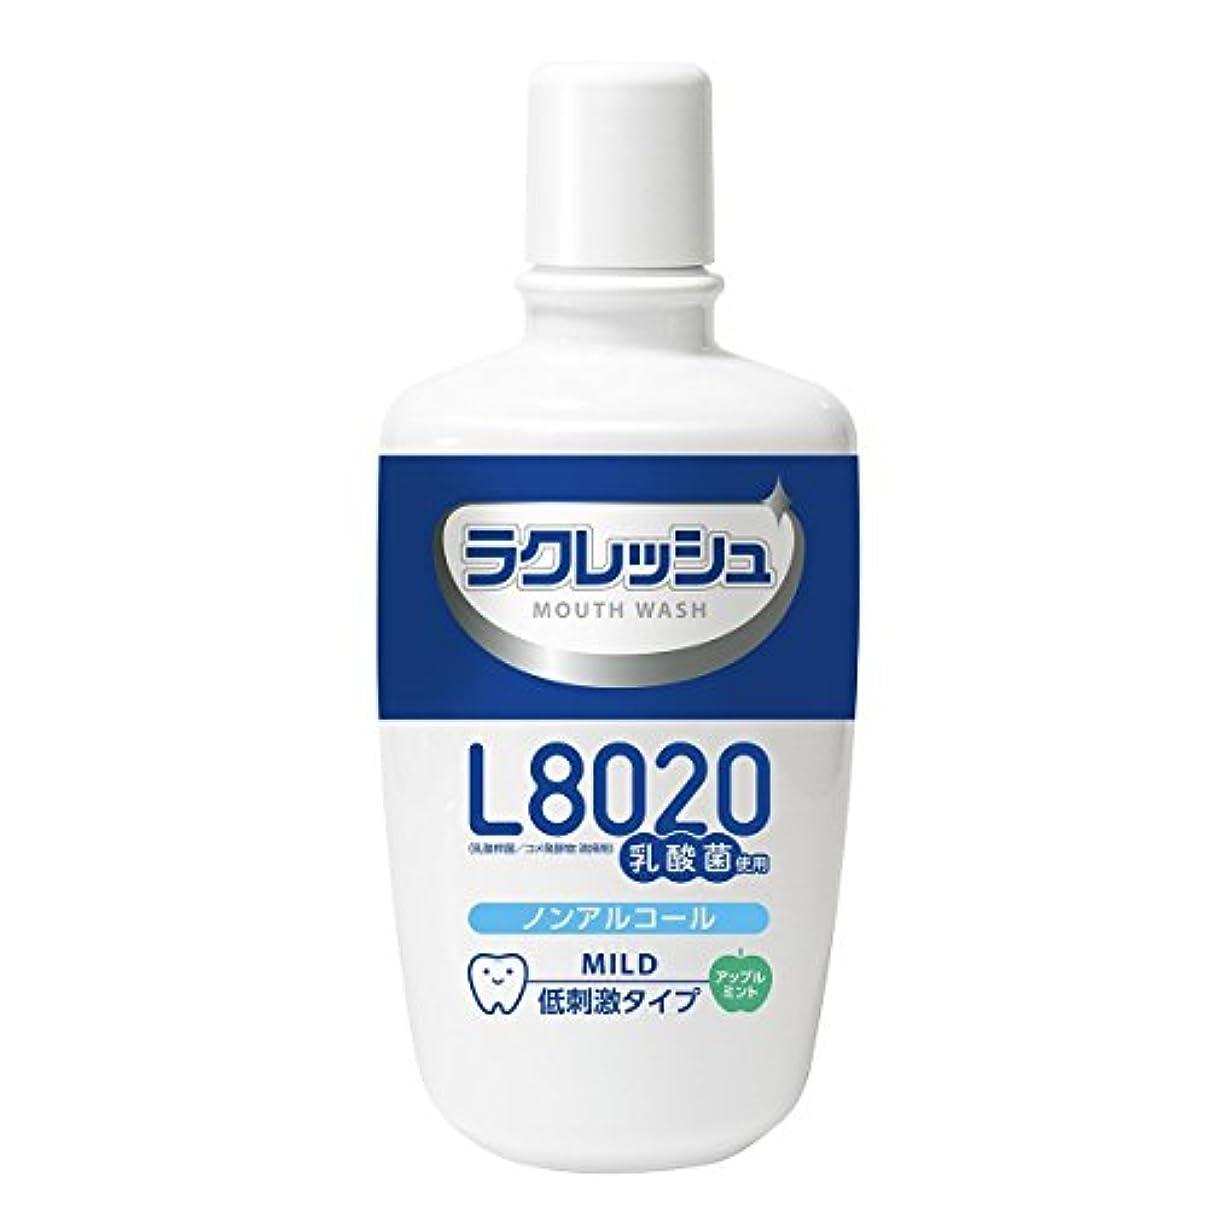 涙が出るカフェスモッグラクレッシュ L8020菌 マウスウォッシュ 3本セット (マイルド)